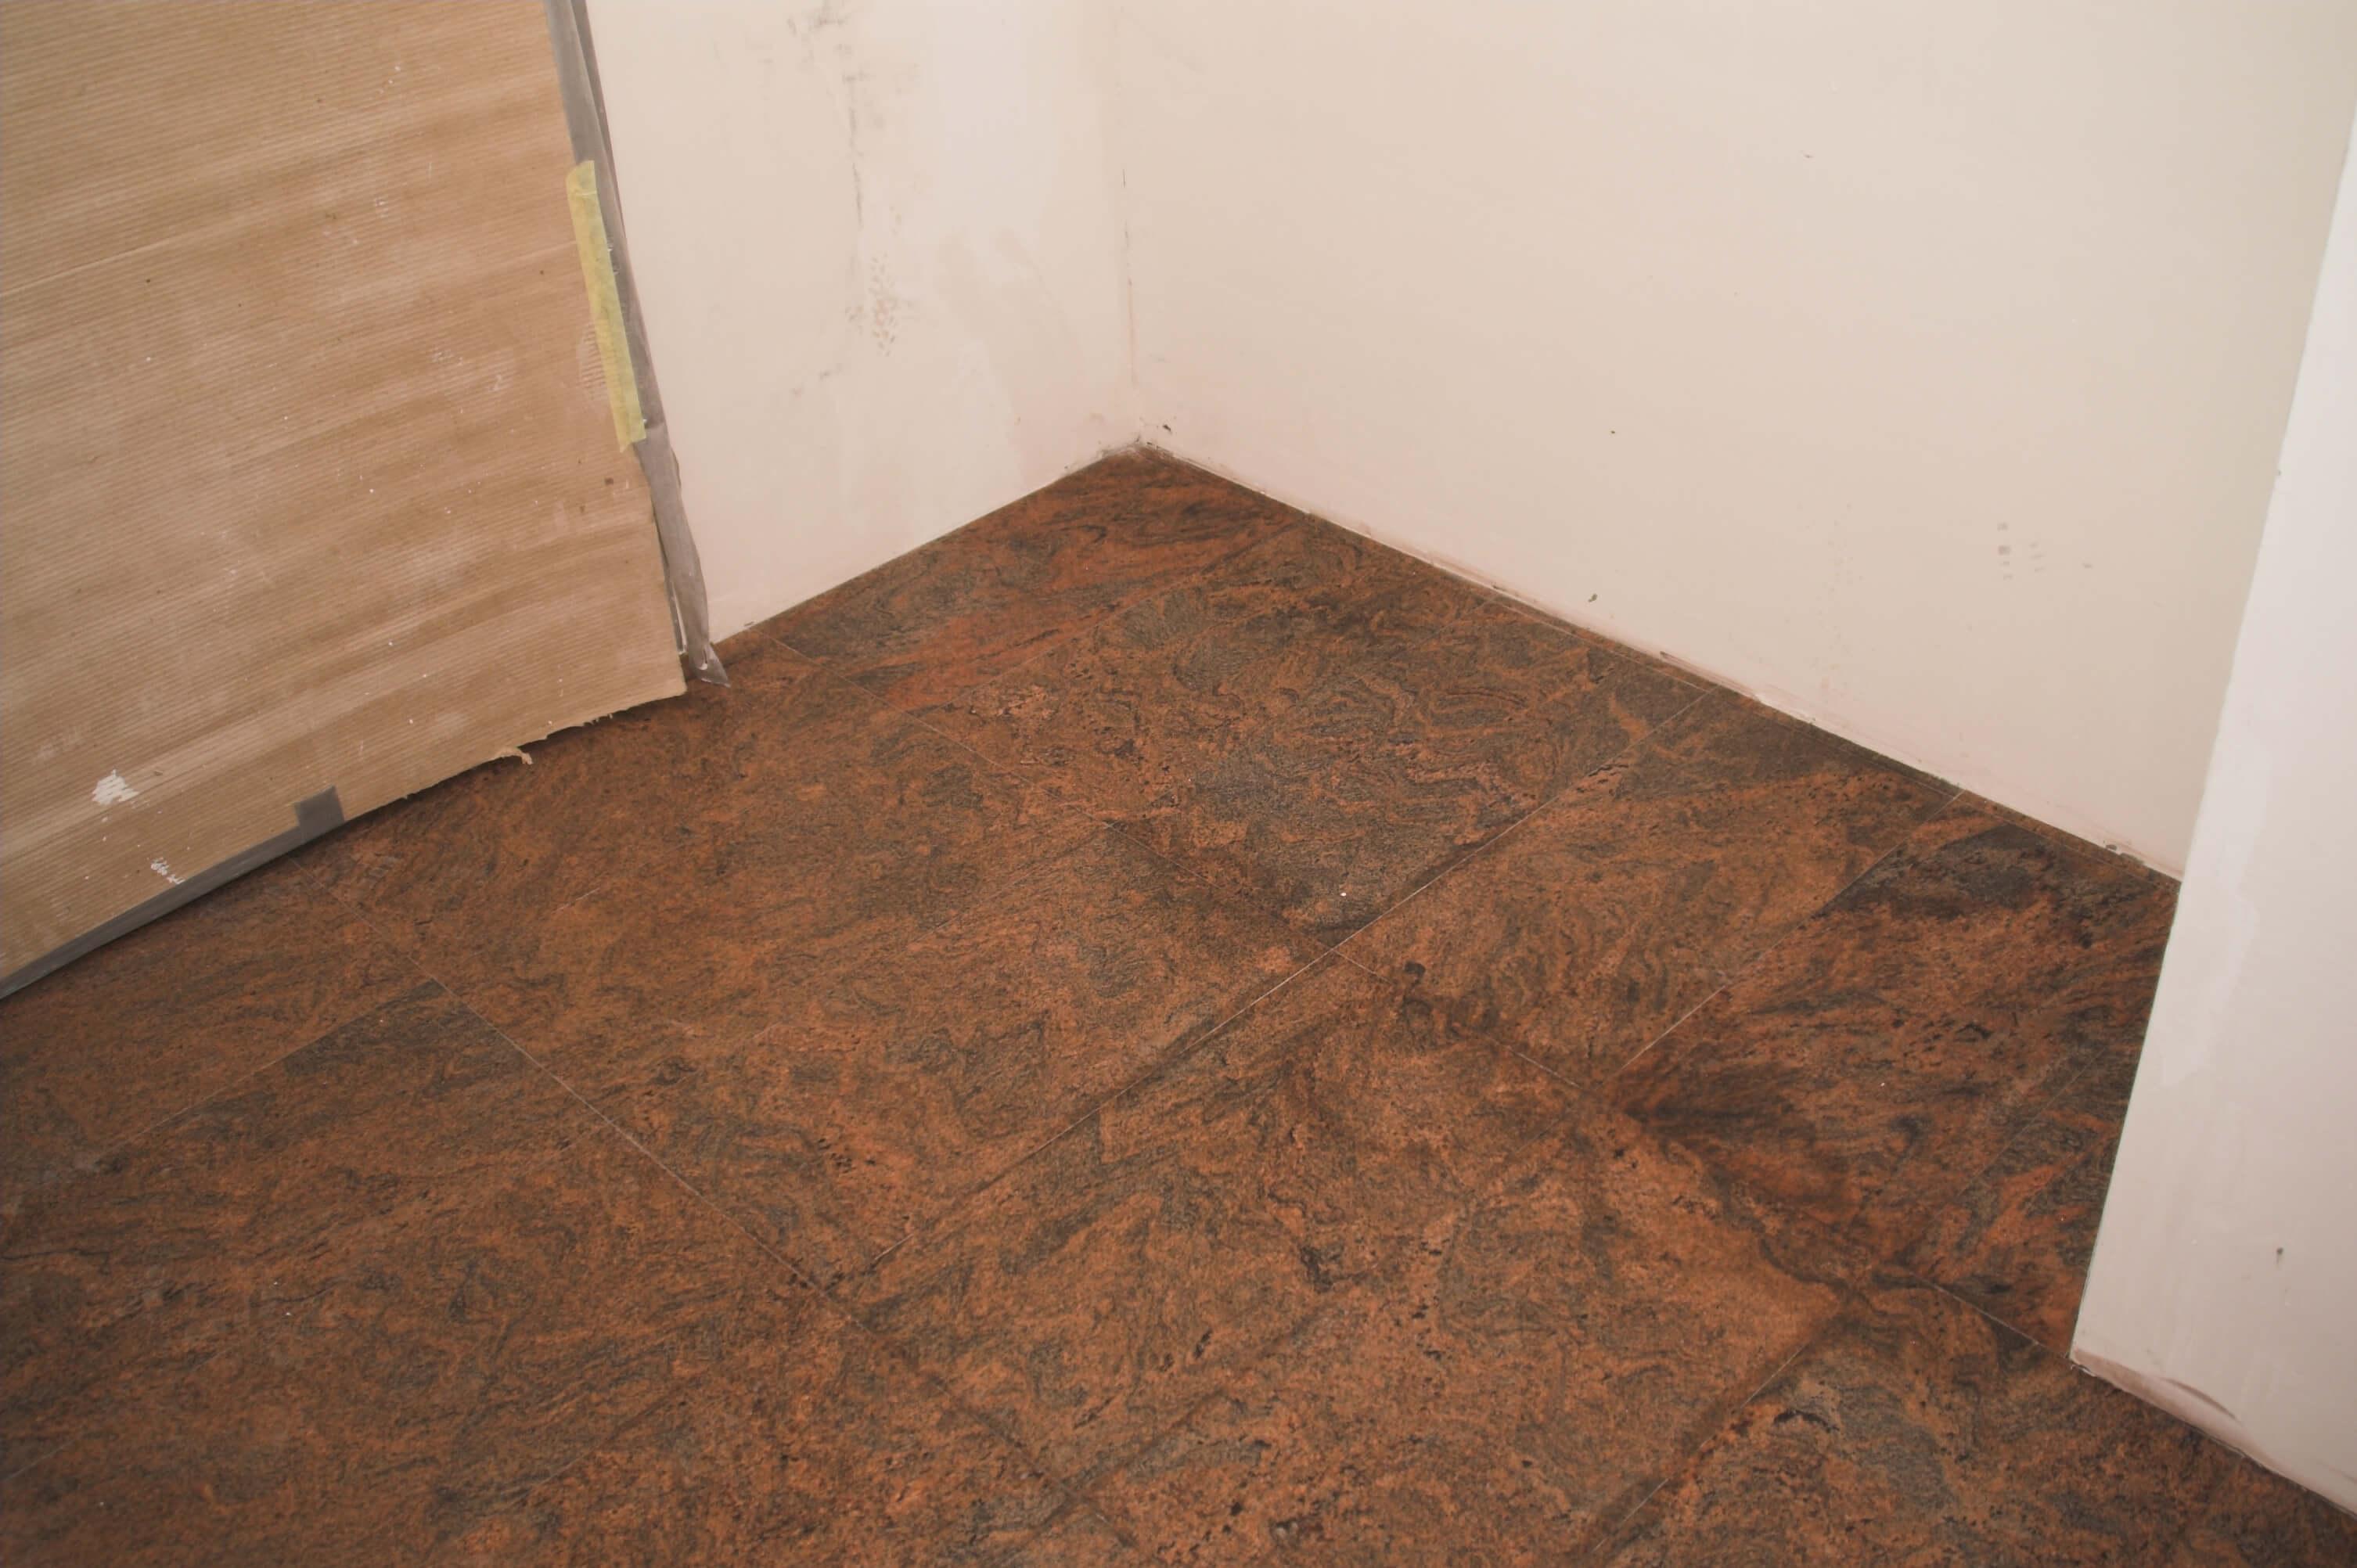 granit na podlodze